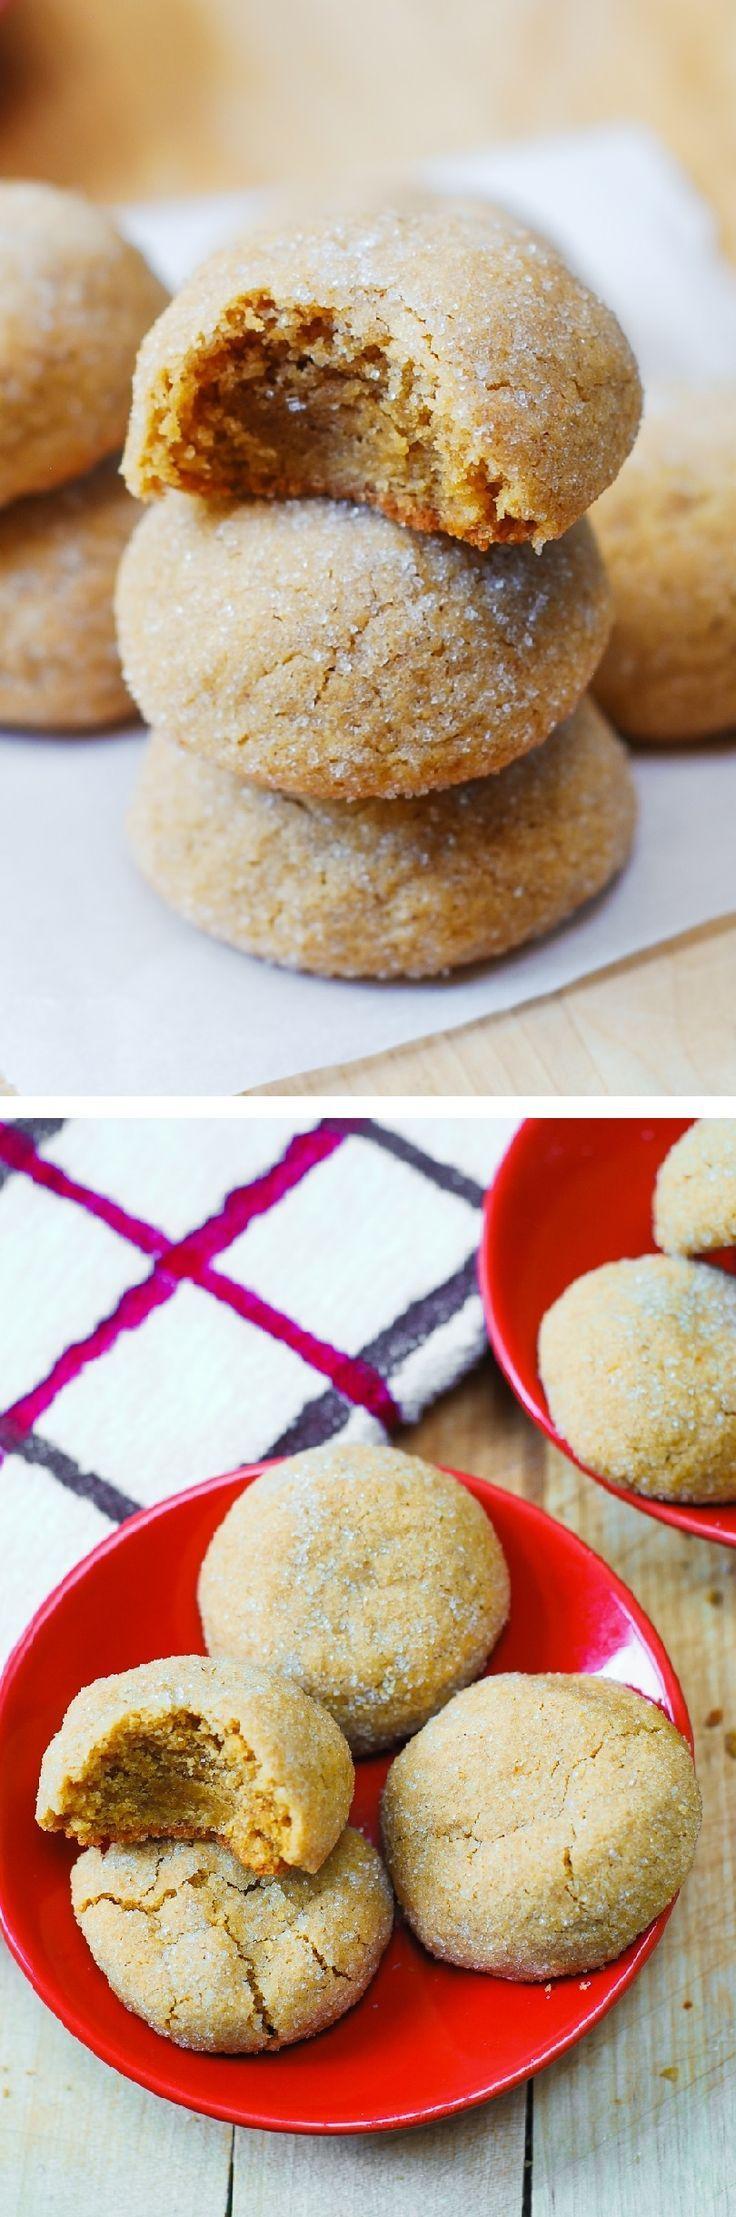 The best peanut butter cookies! | Desserts | Pinterest